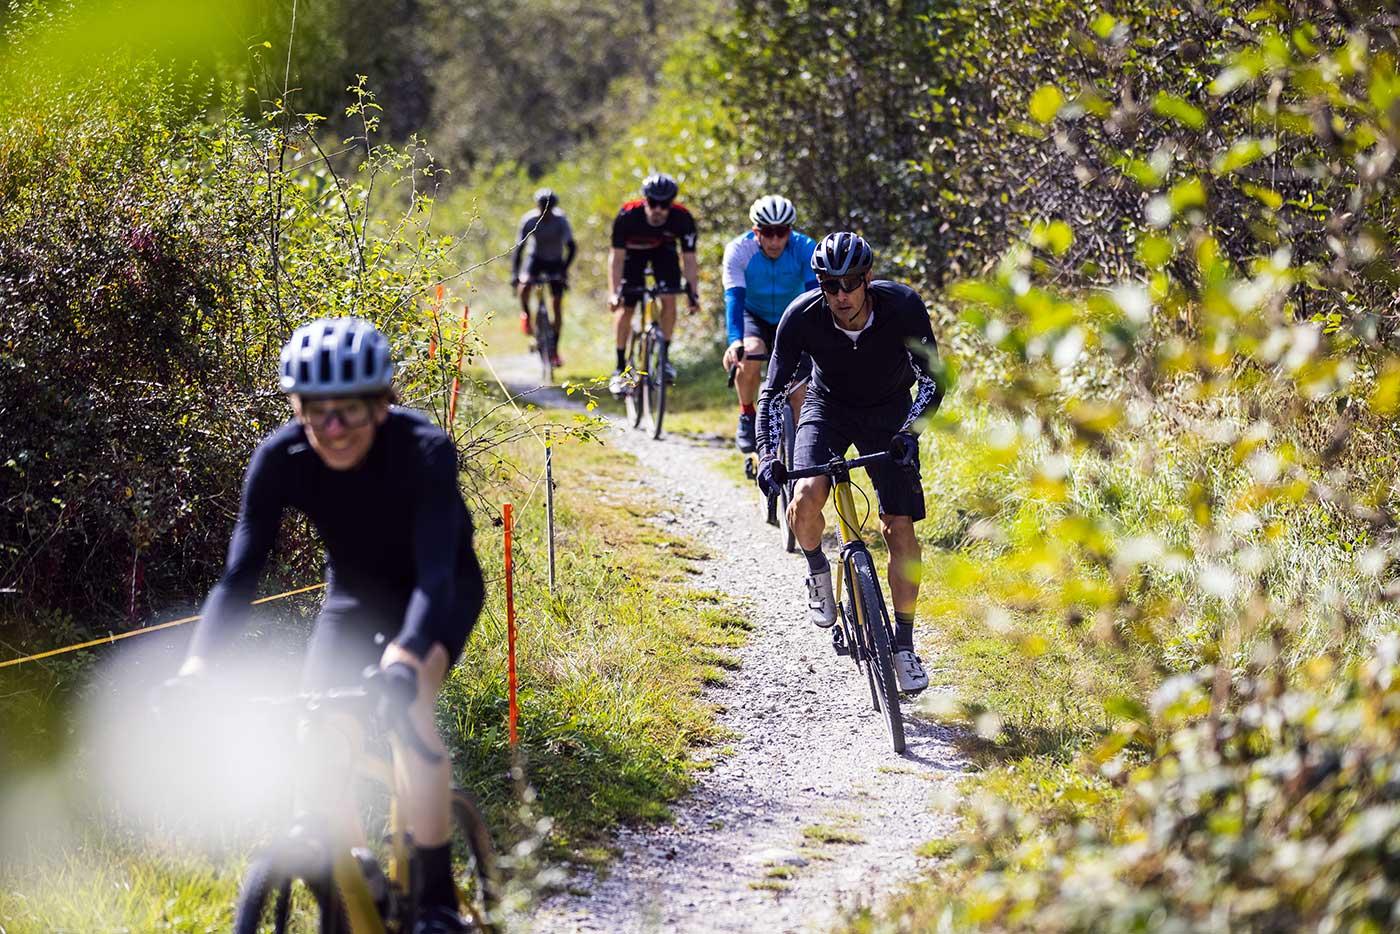 riding the bmc urs lt full suspension gravel bike on a trail